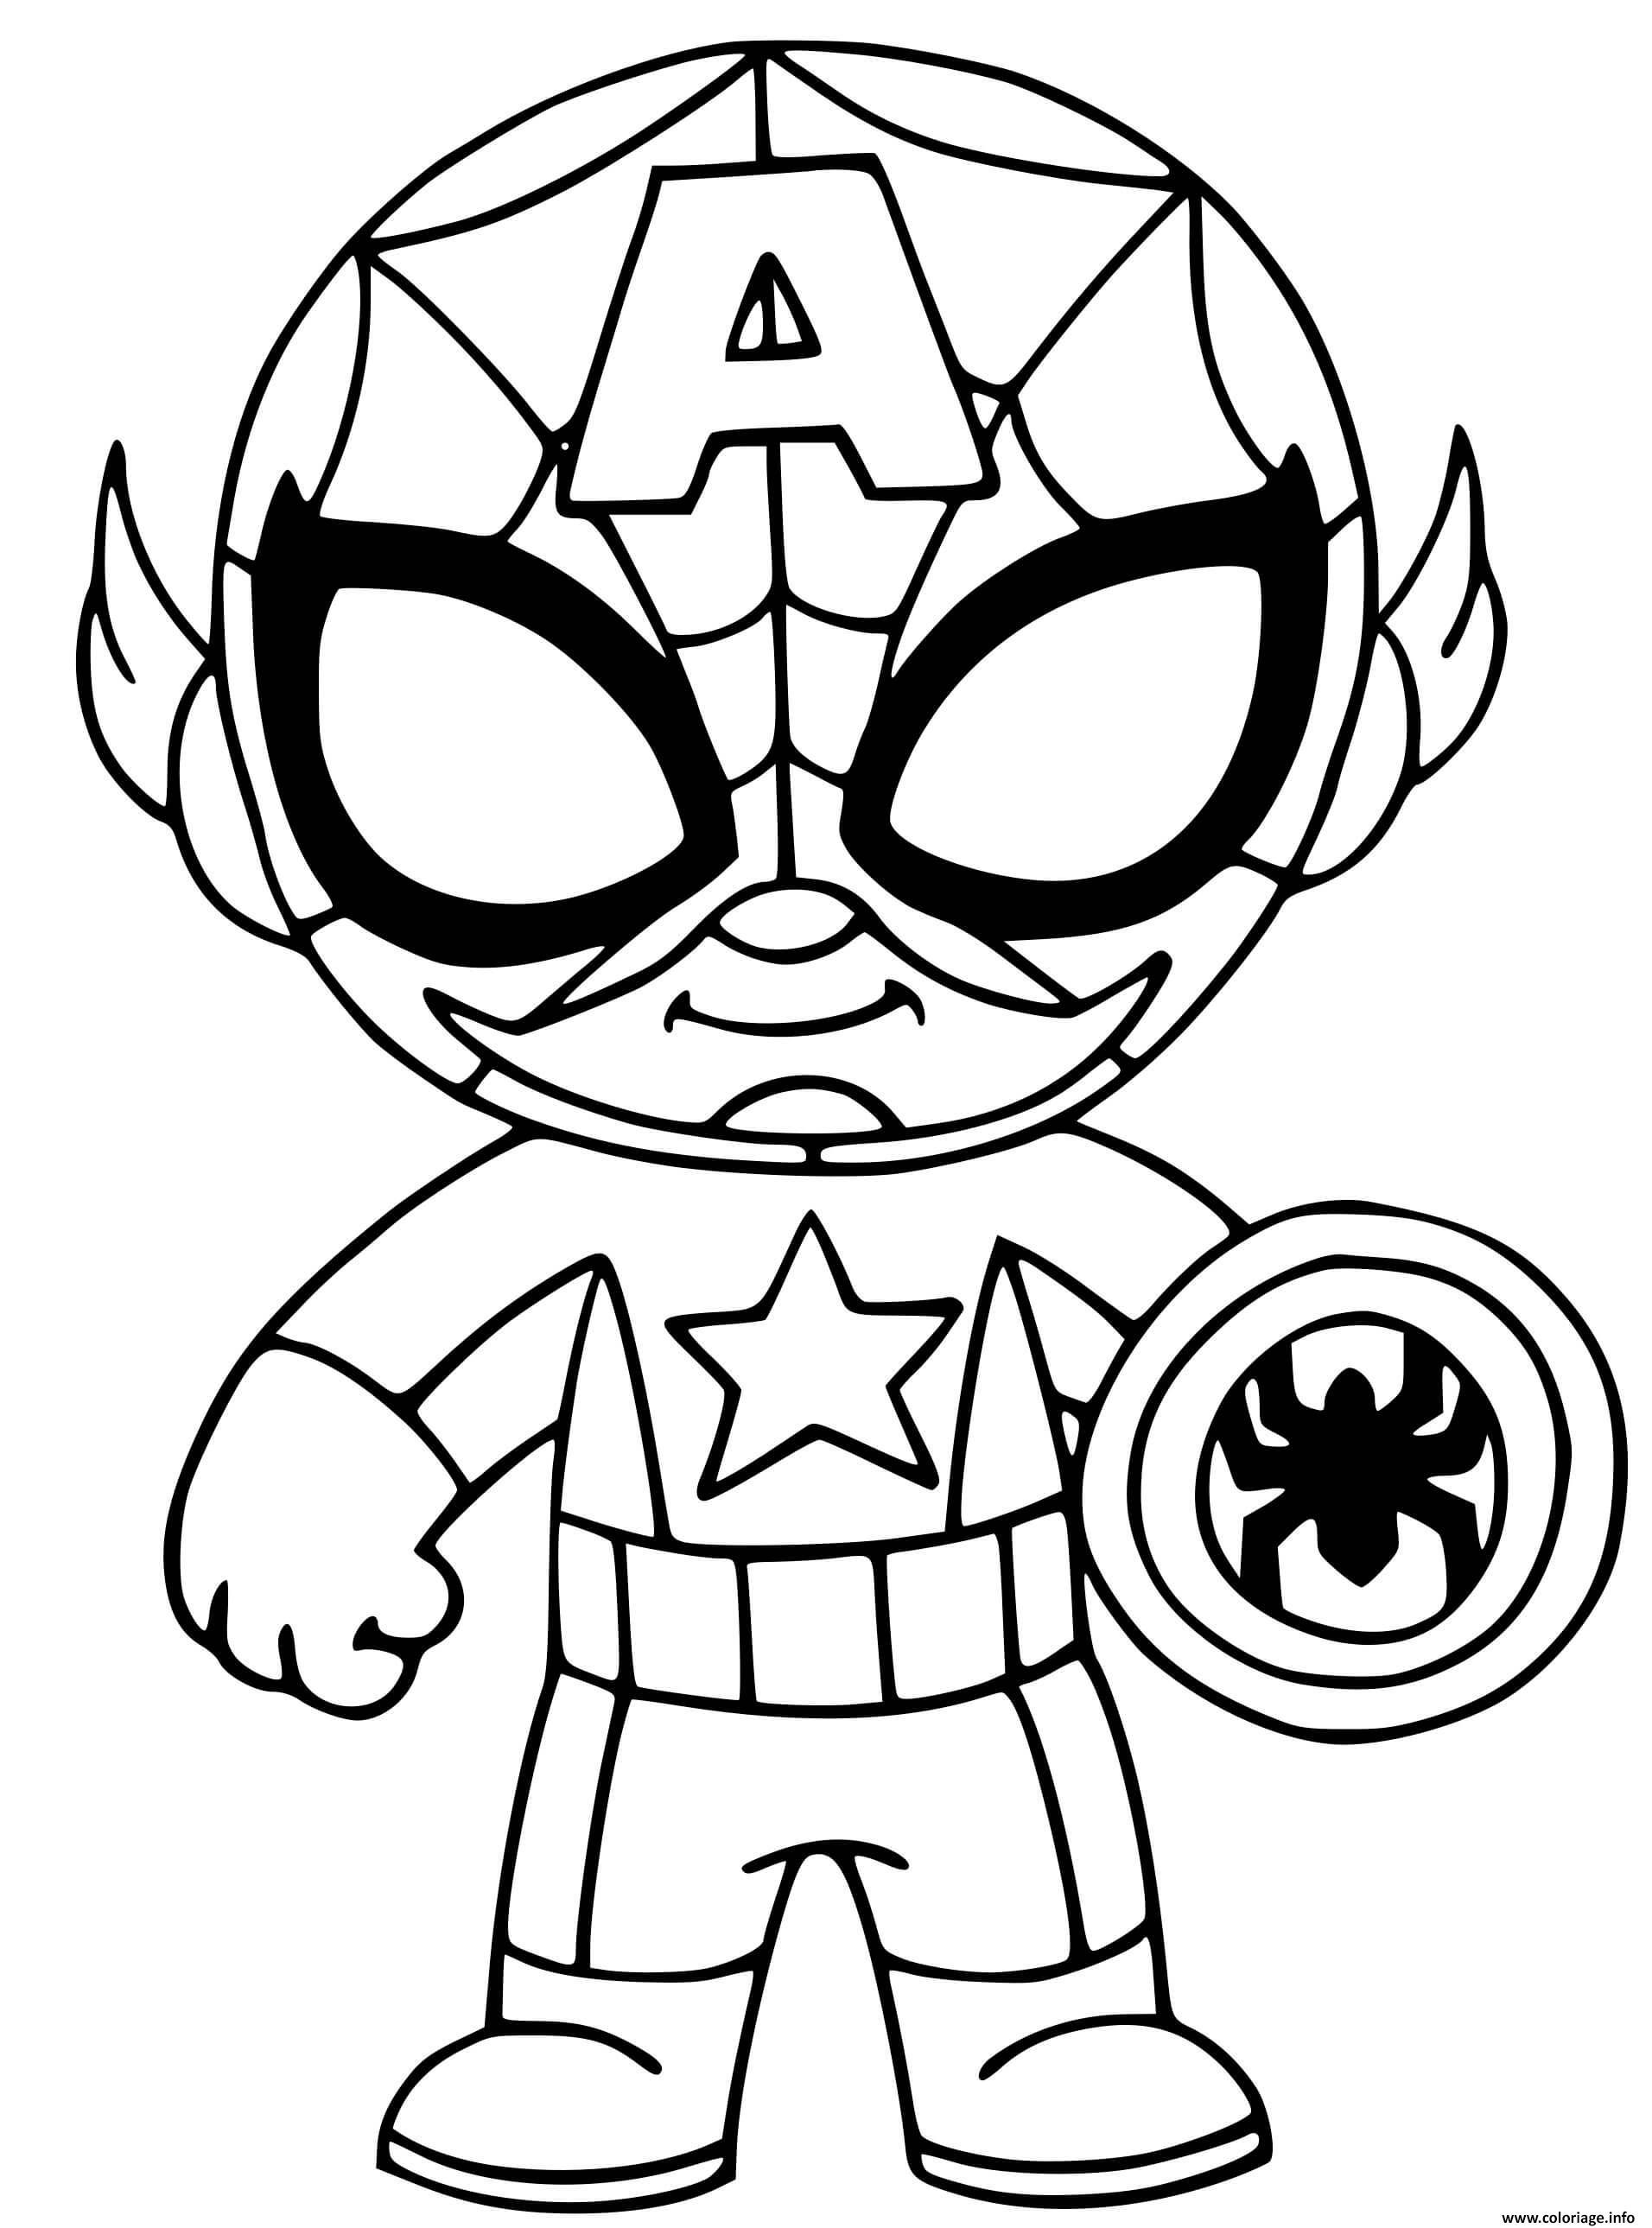 Dessin fusion de captain america et spider man Coloriage Gratuit à Imprimer